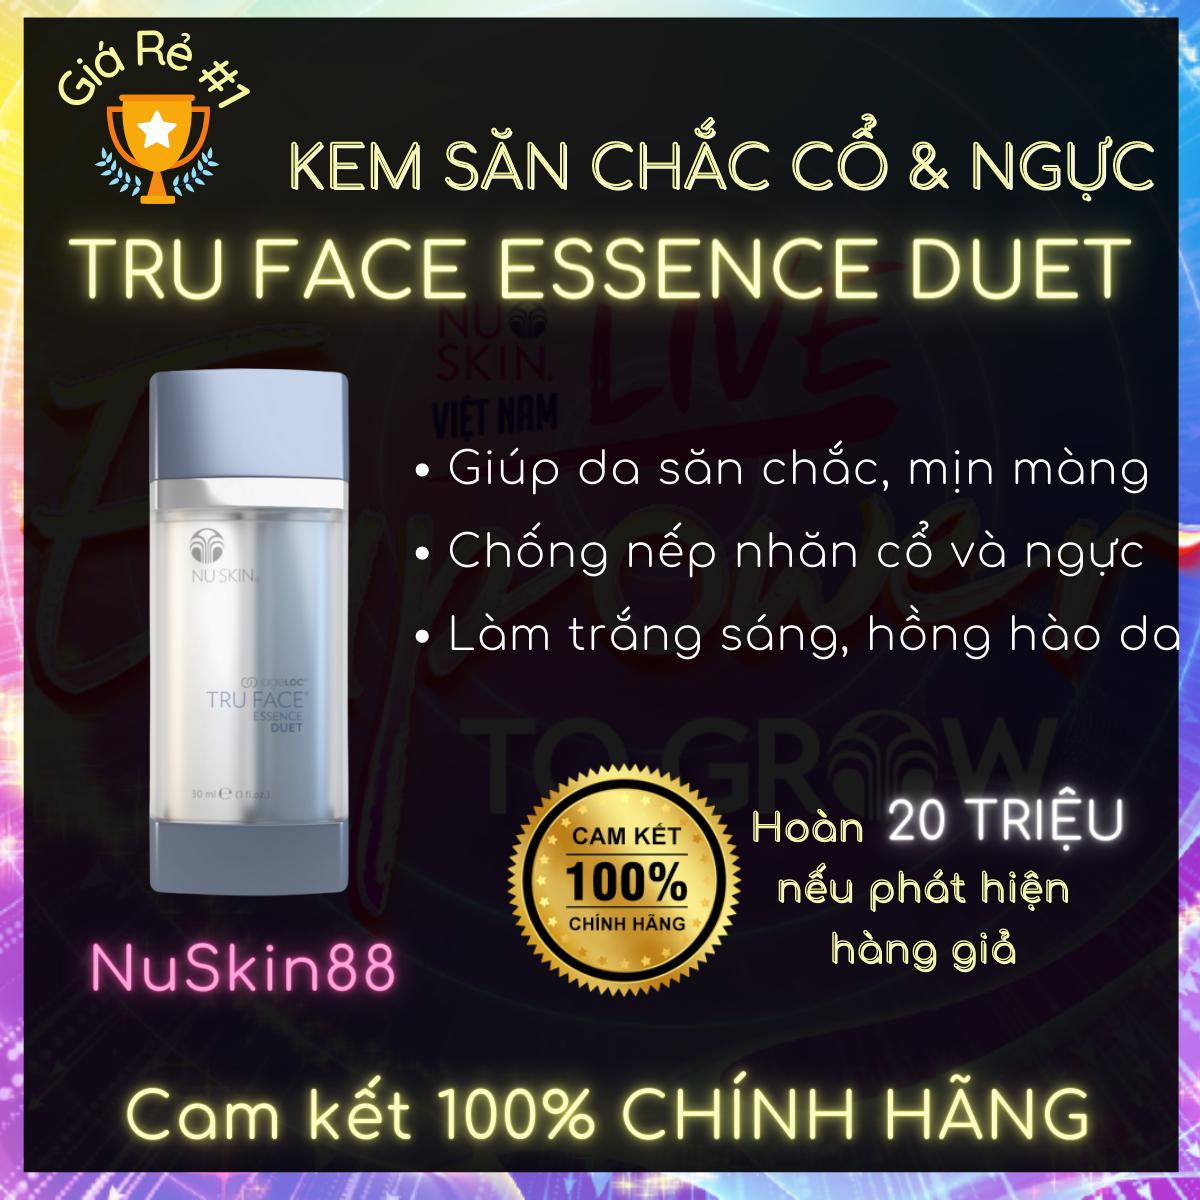 Tinh chất làm săn chắc Cổ và Ngực ageLOC Face Essence Duet NuSkin 30ml – Nâng cơ xóa nhăn – Ageloc Lumispa Boost – Chống lão hóa – Nuskin chính hãng – Nuskin 88 – Sản phẩm Nuskin